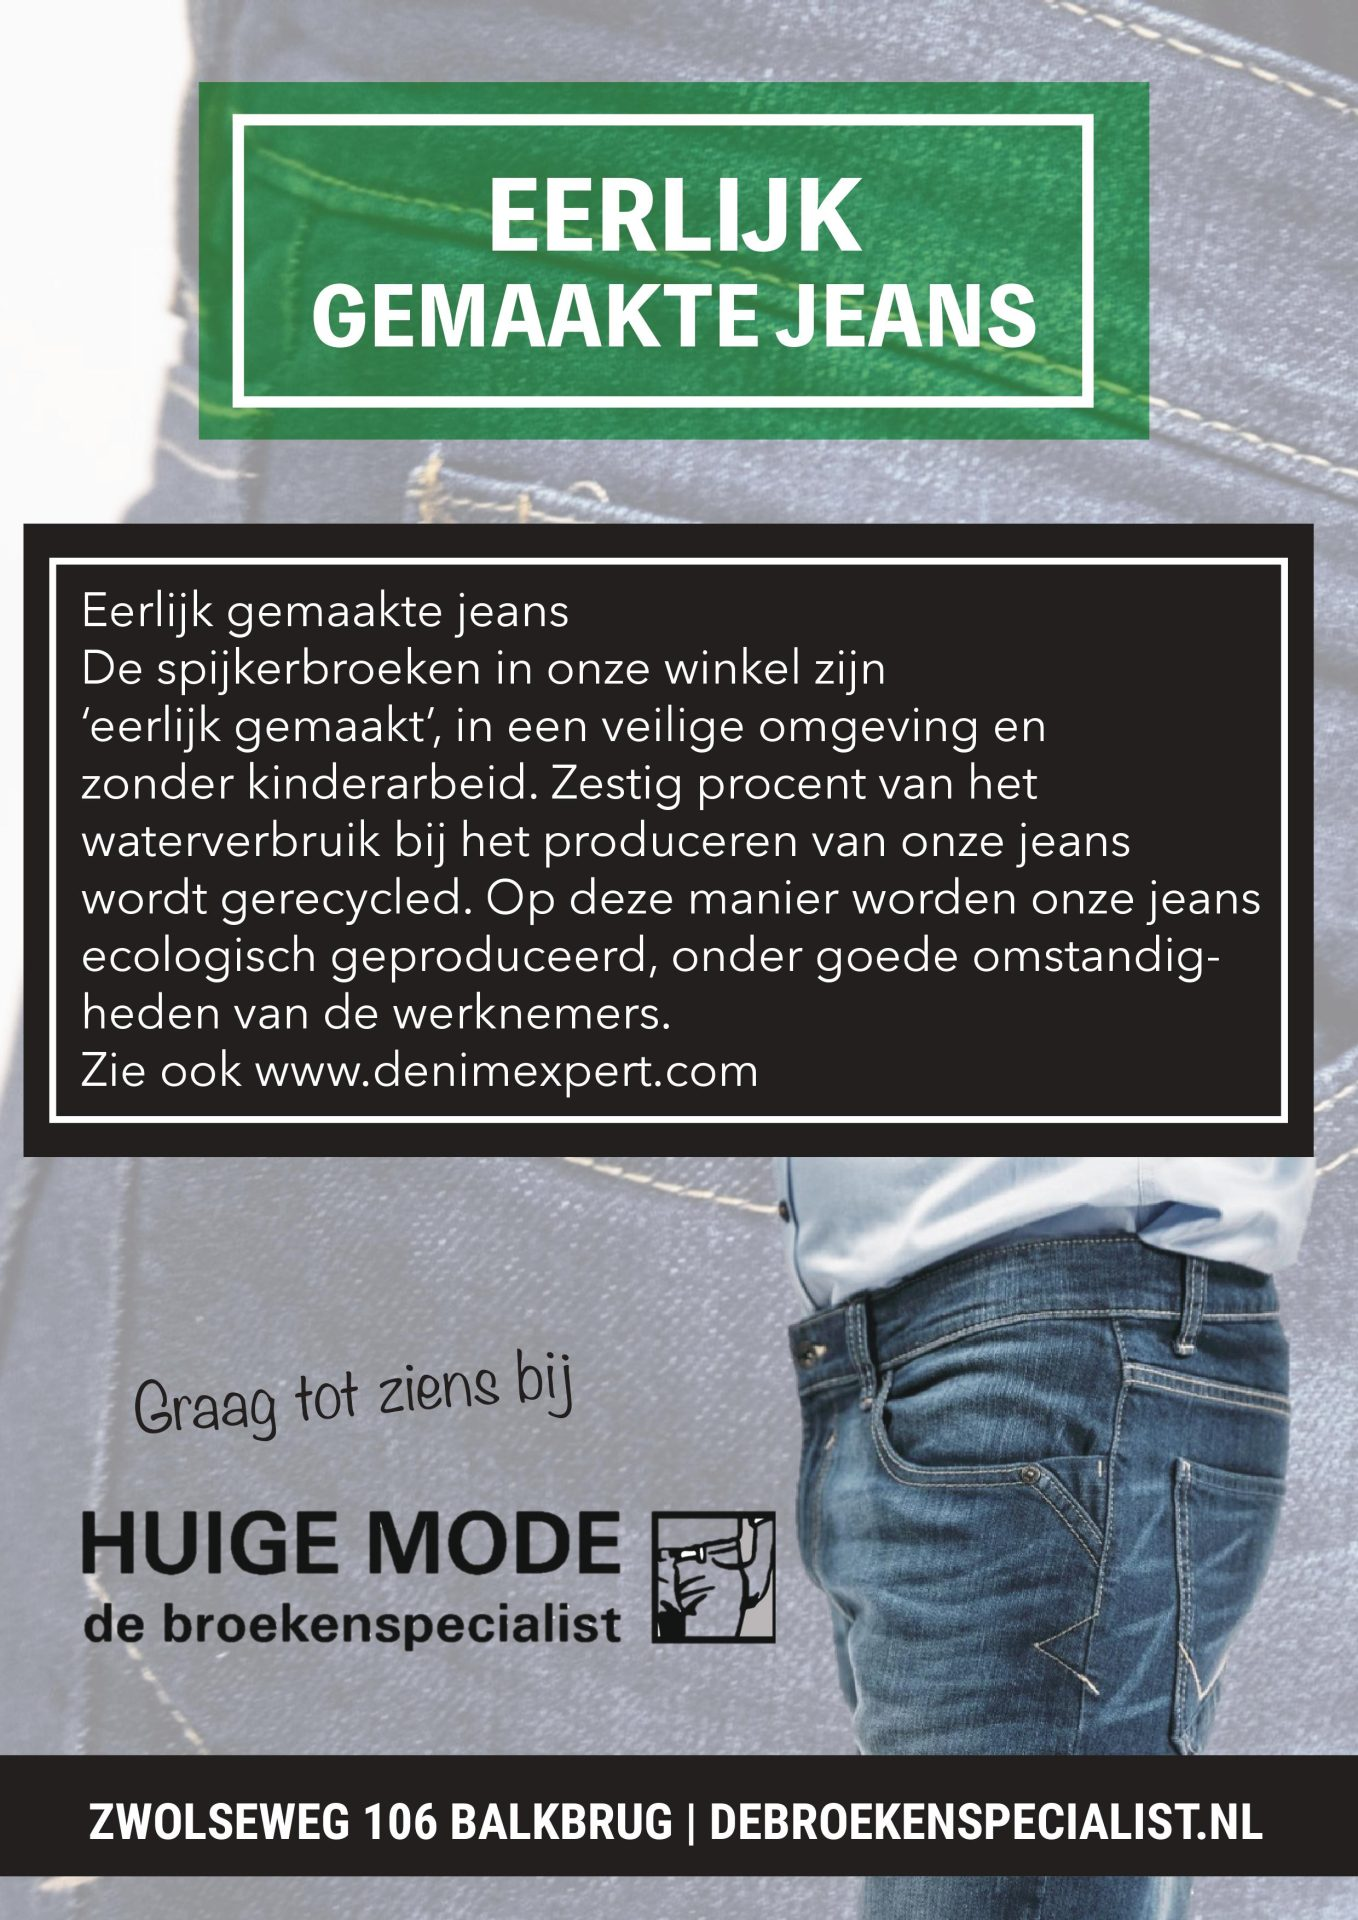 Eerlijk jeans